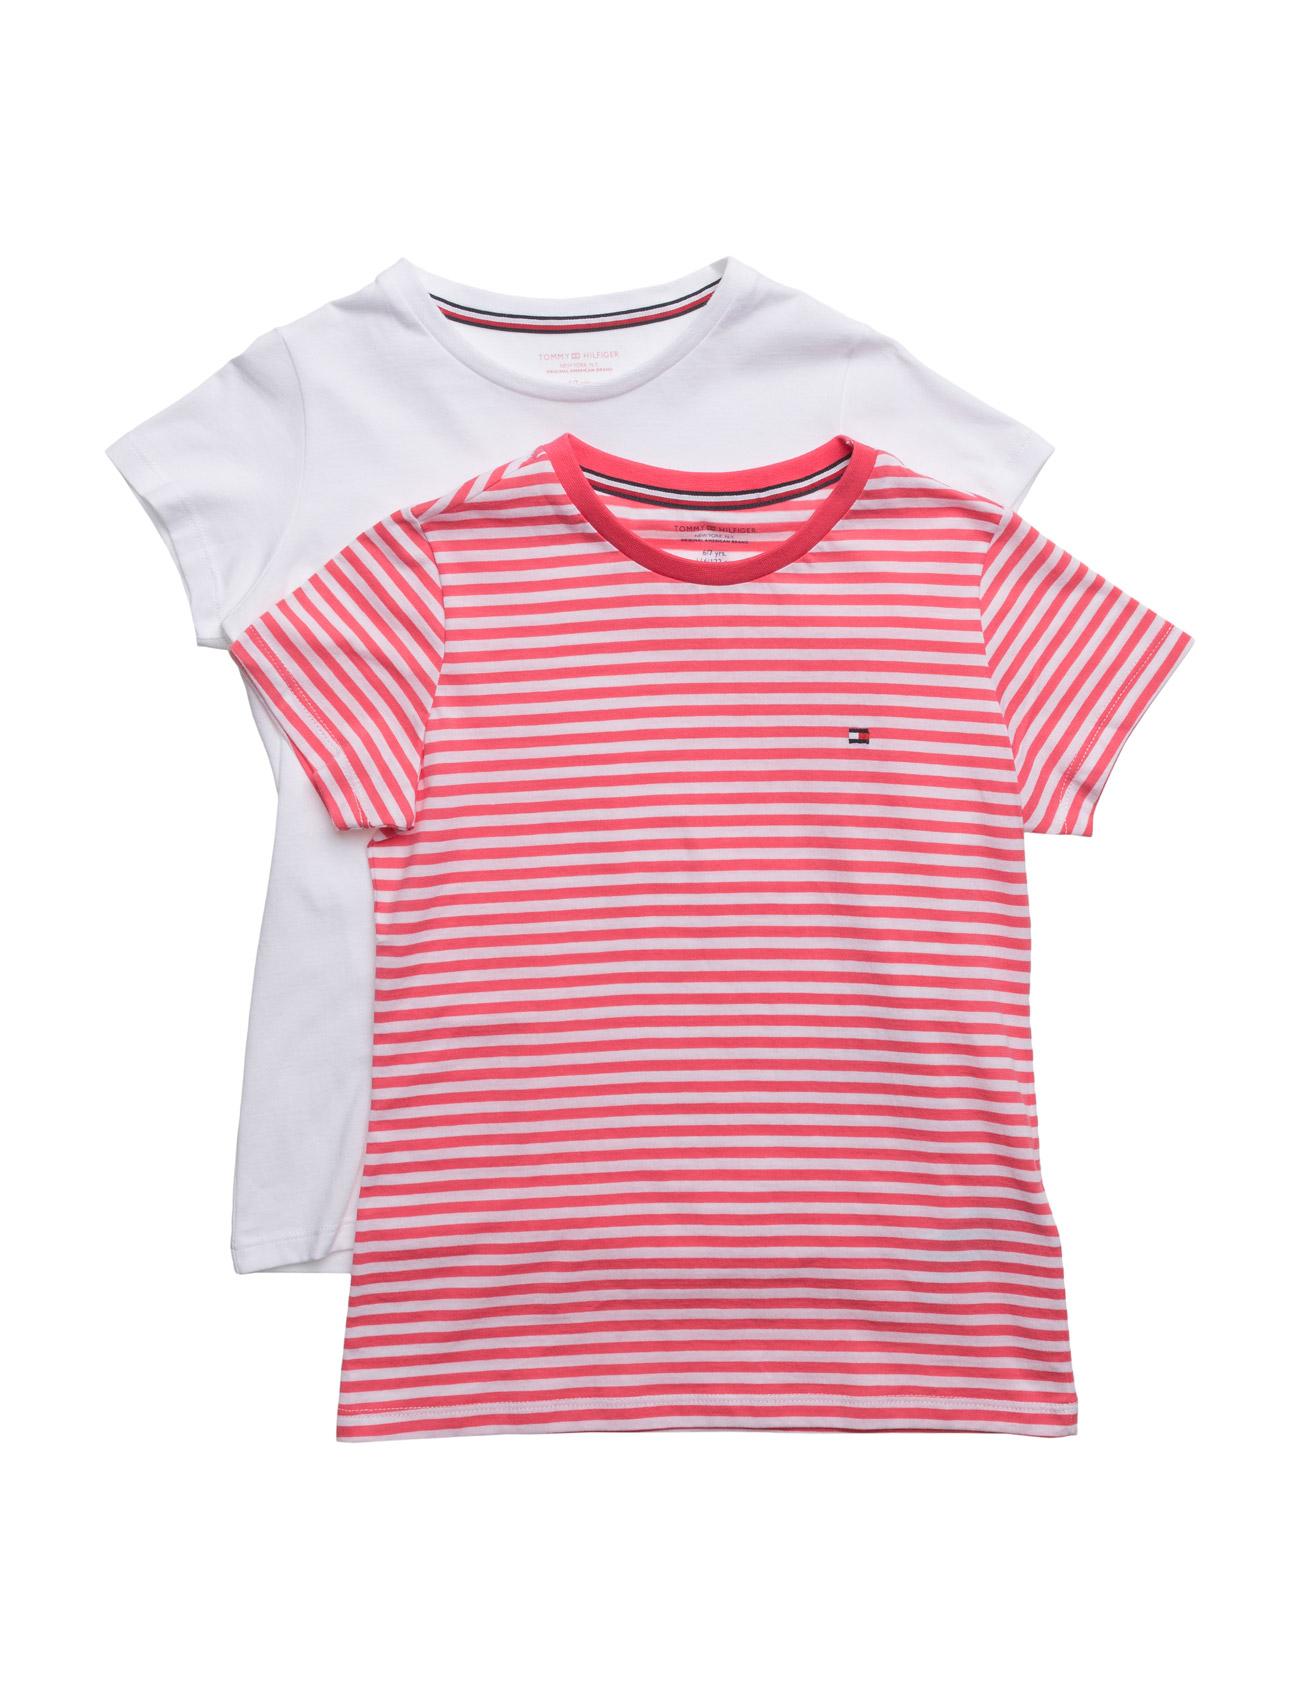 2p Cn Tee Ss Stripe Tommy Hilfiger Nat & Undertøj til Piger i